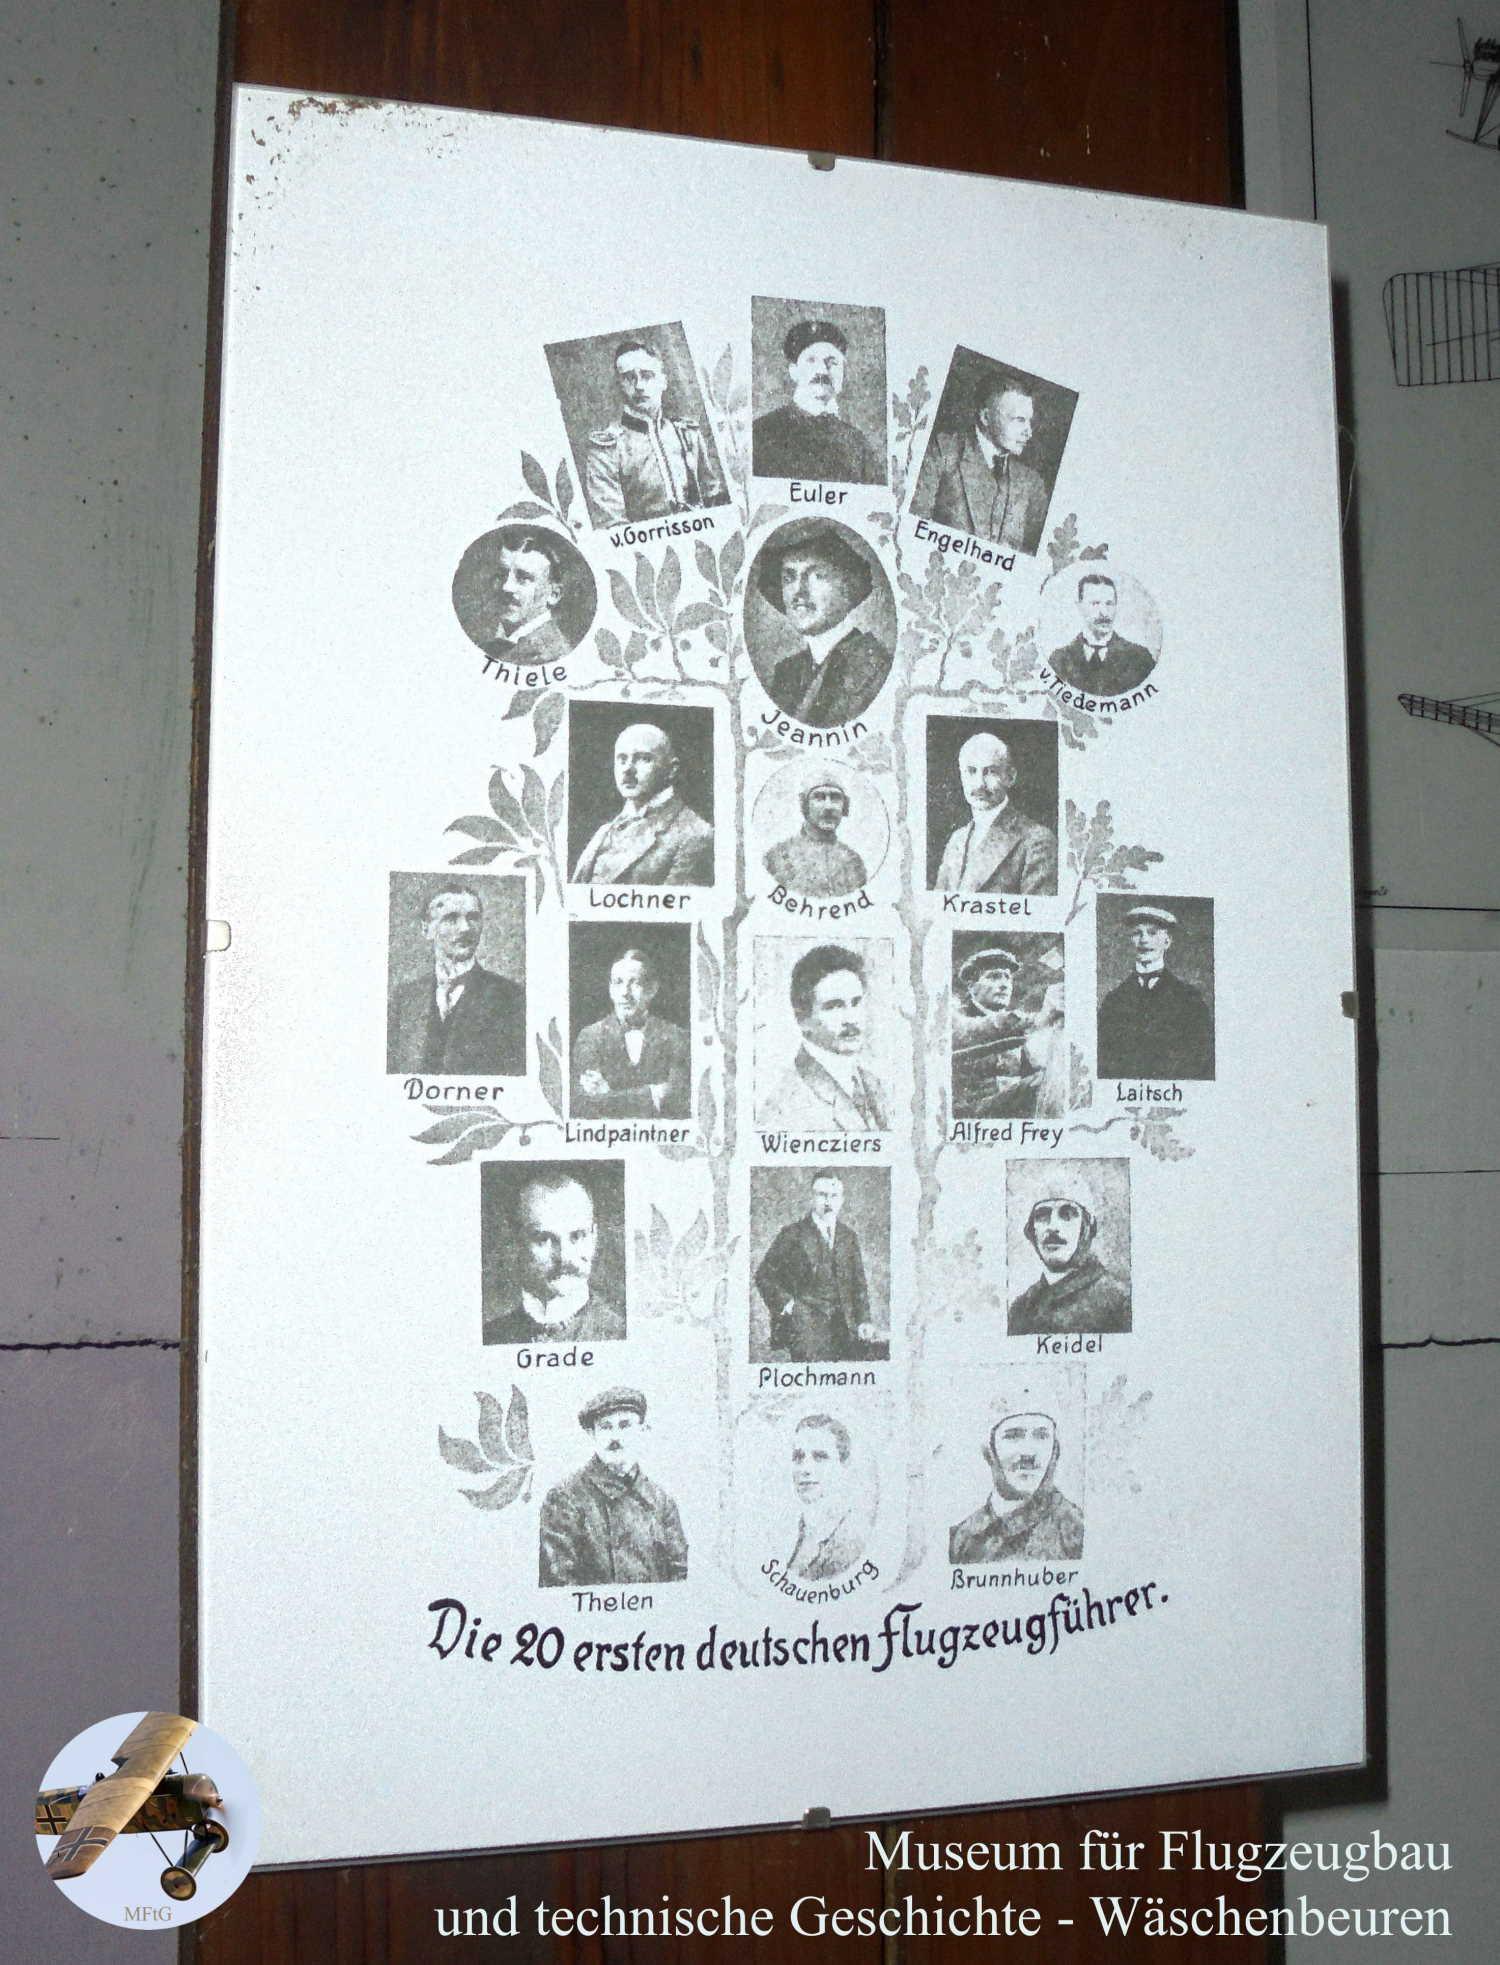 Museum für Flugzeugbau und technische Geschichte - Die vergessenen Pioniere